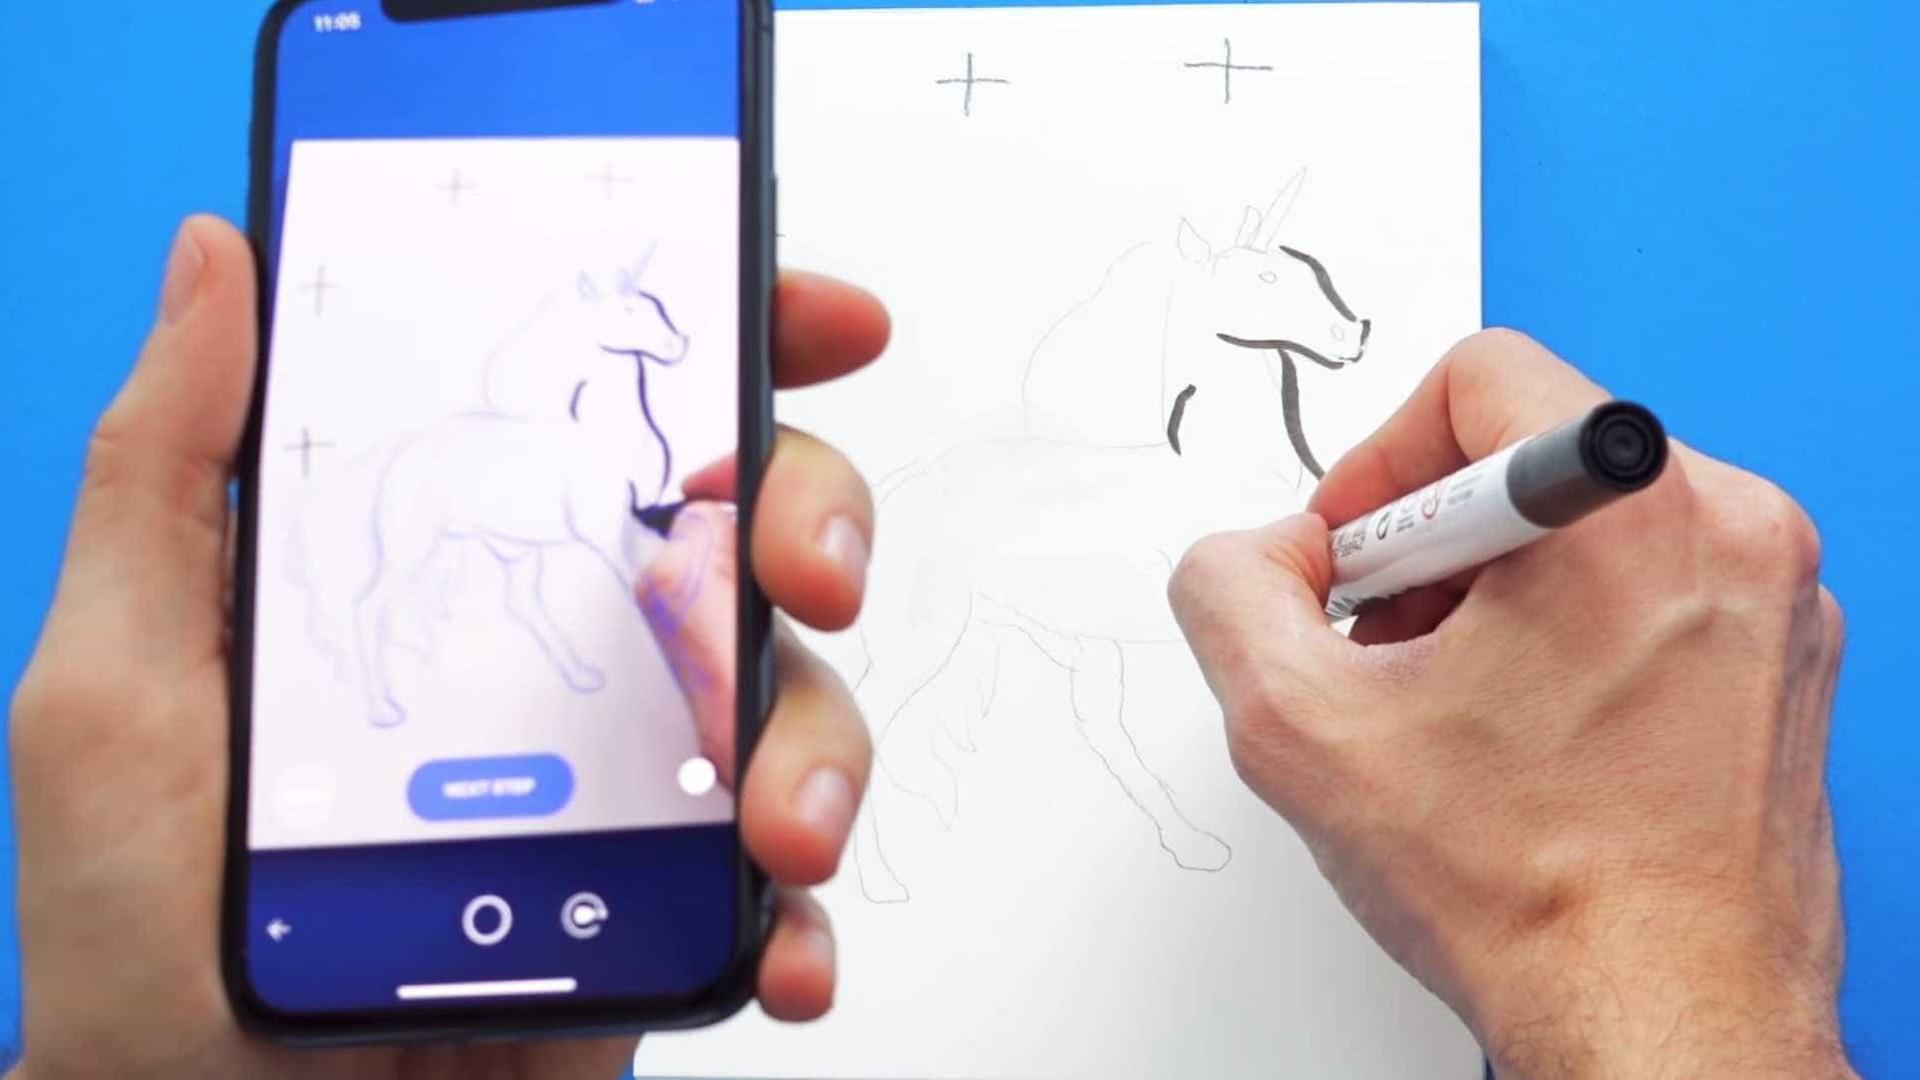 Há esperança. Esta app de realidade aumentada vai ajudá-lo a desenhar